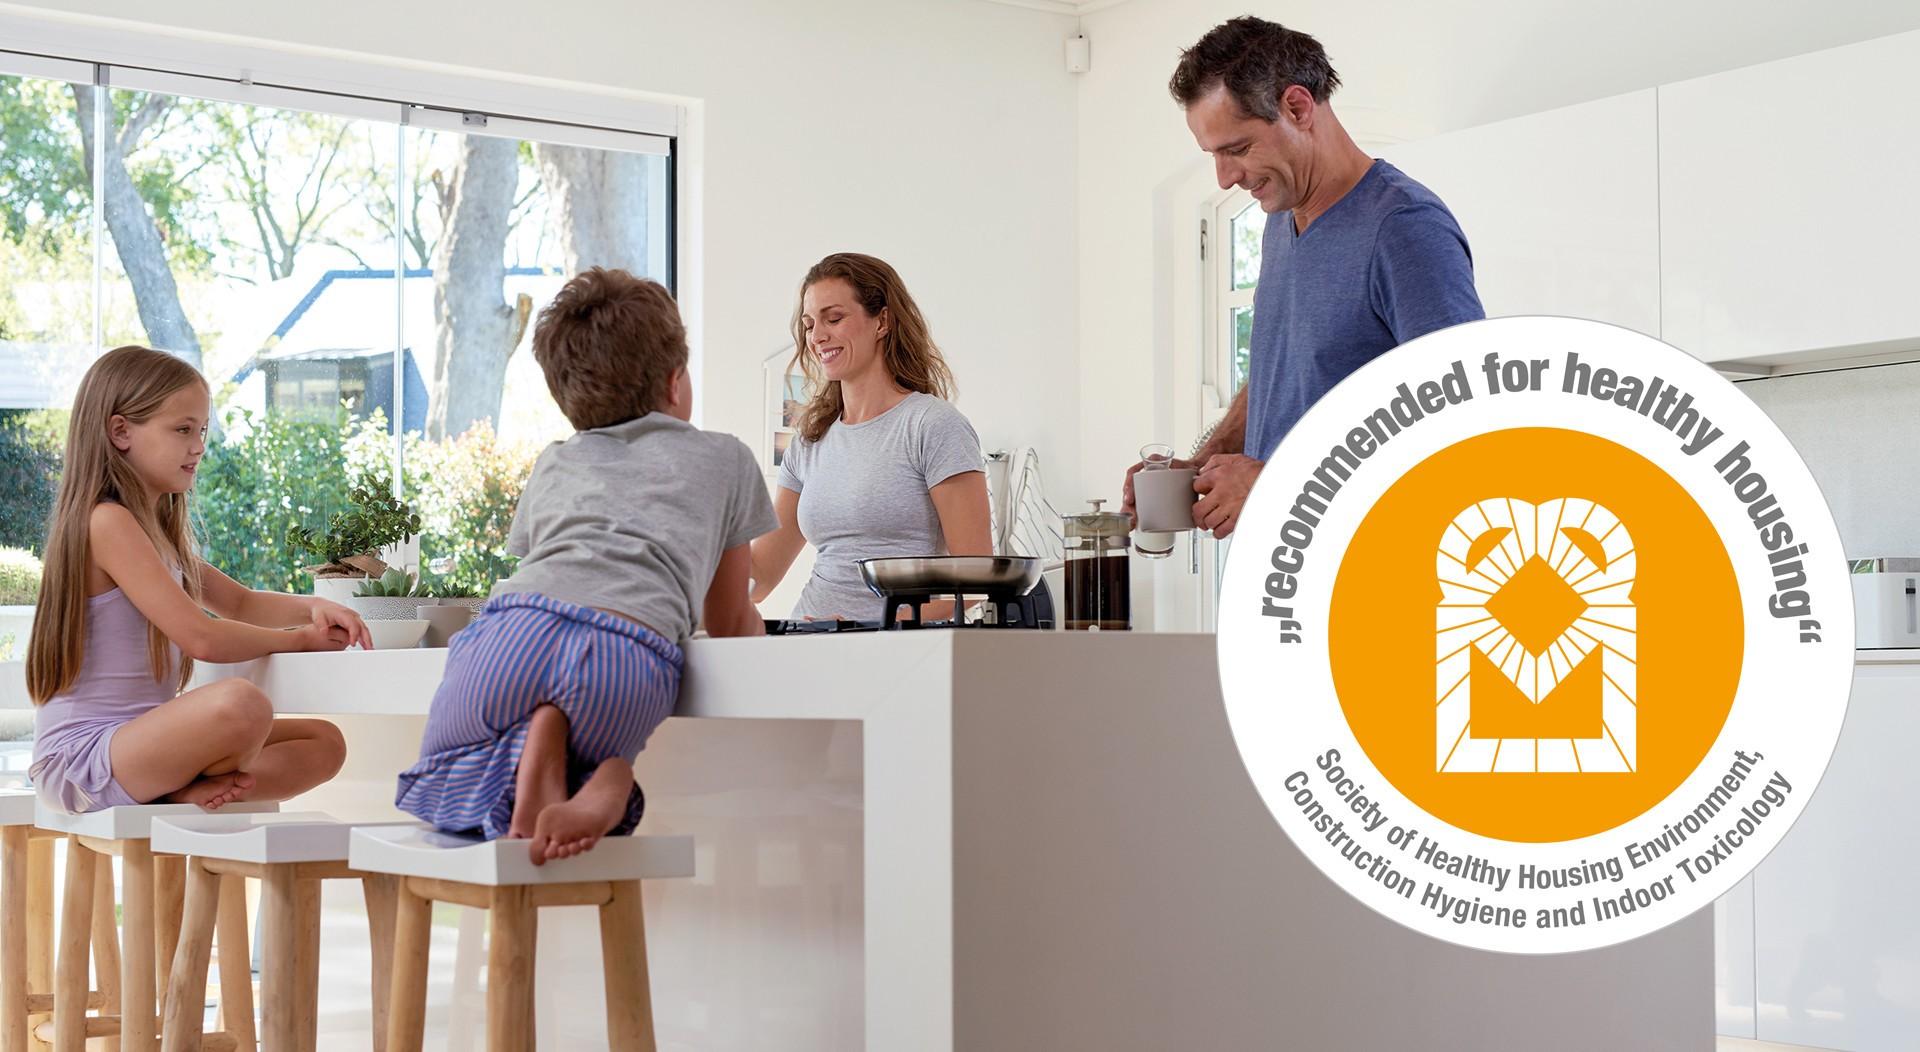 [Translate to Frankreich:] Recommandation pour une maison saine